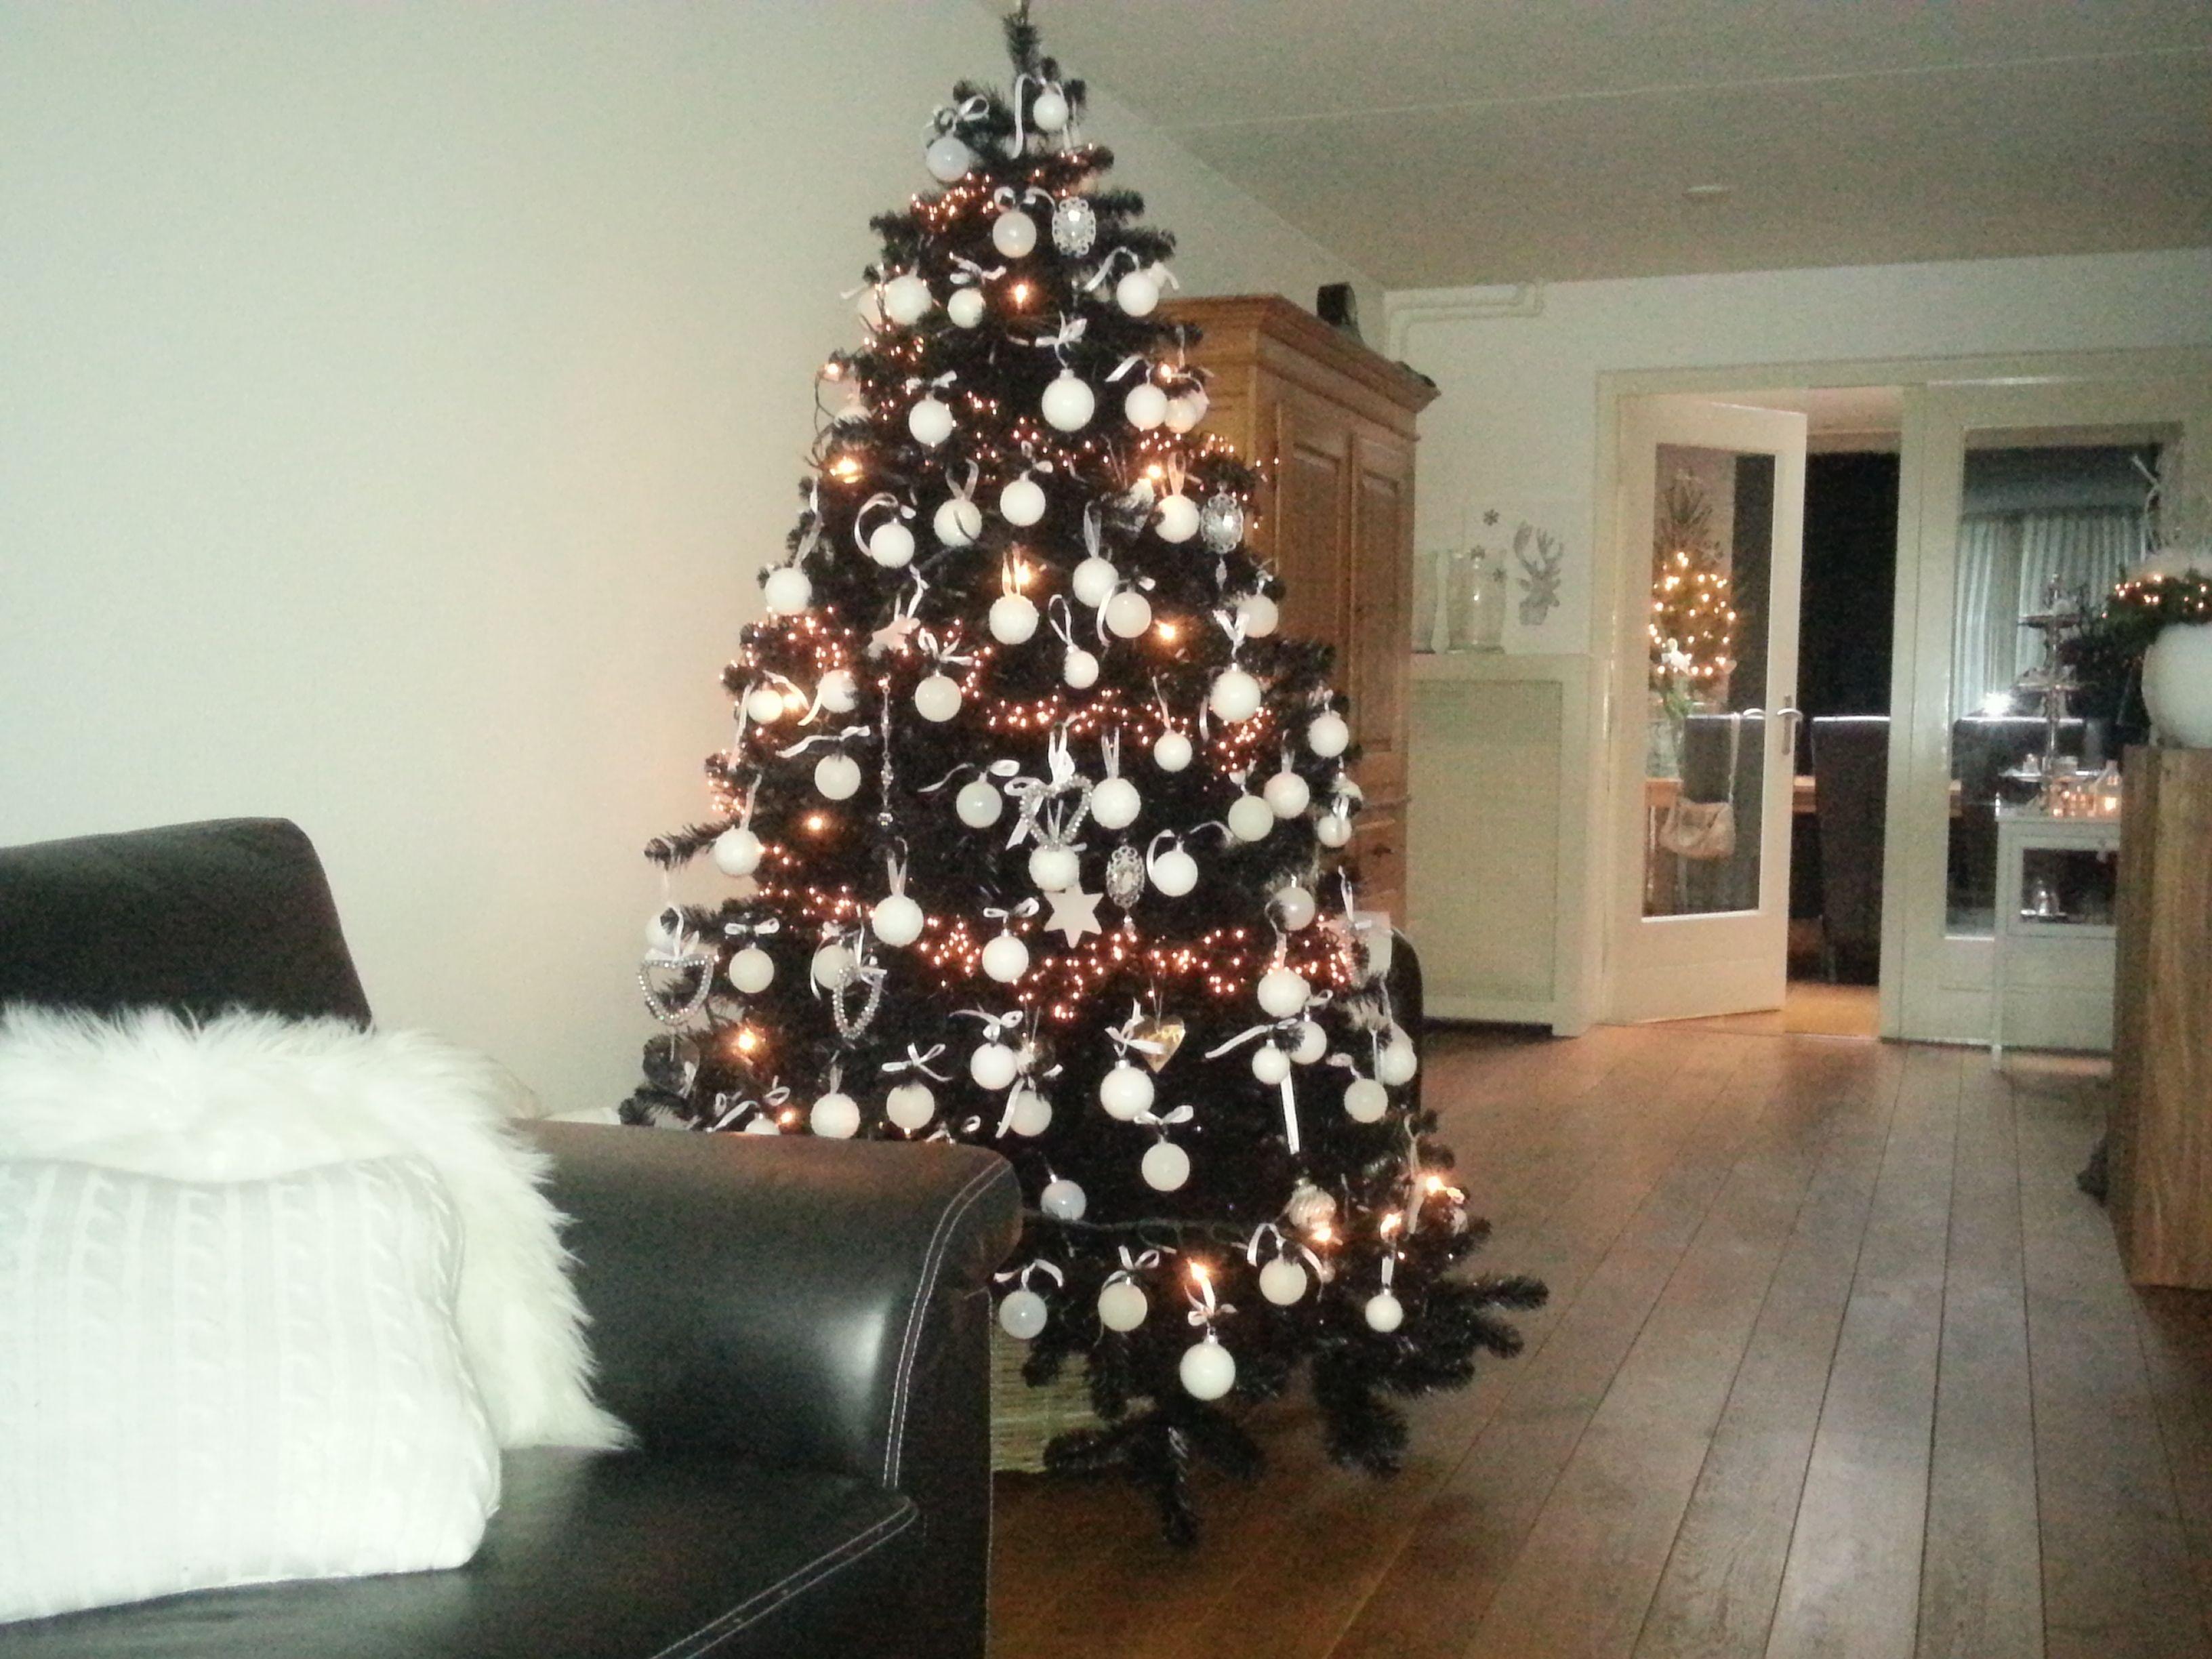 Kertmis Zwarte Kerstboom Versierd Met Witte Ballen Zwarte Kerstbomen Kerstboom Vakantie Decor